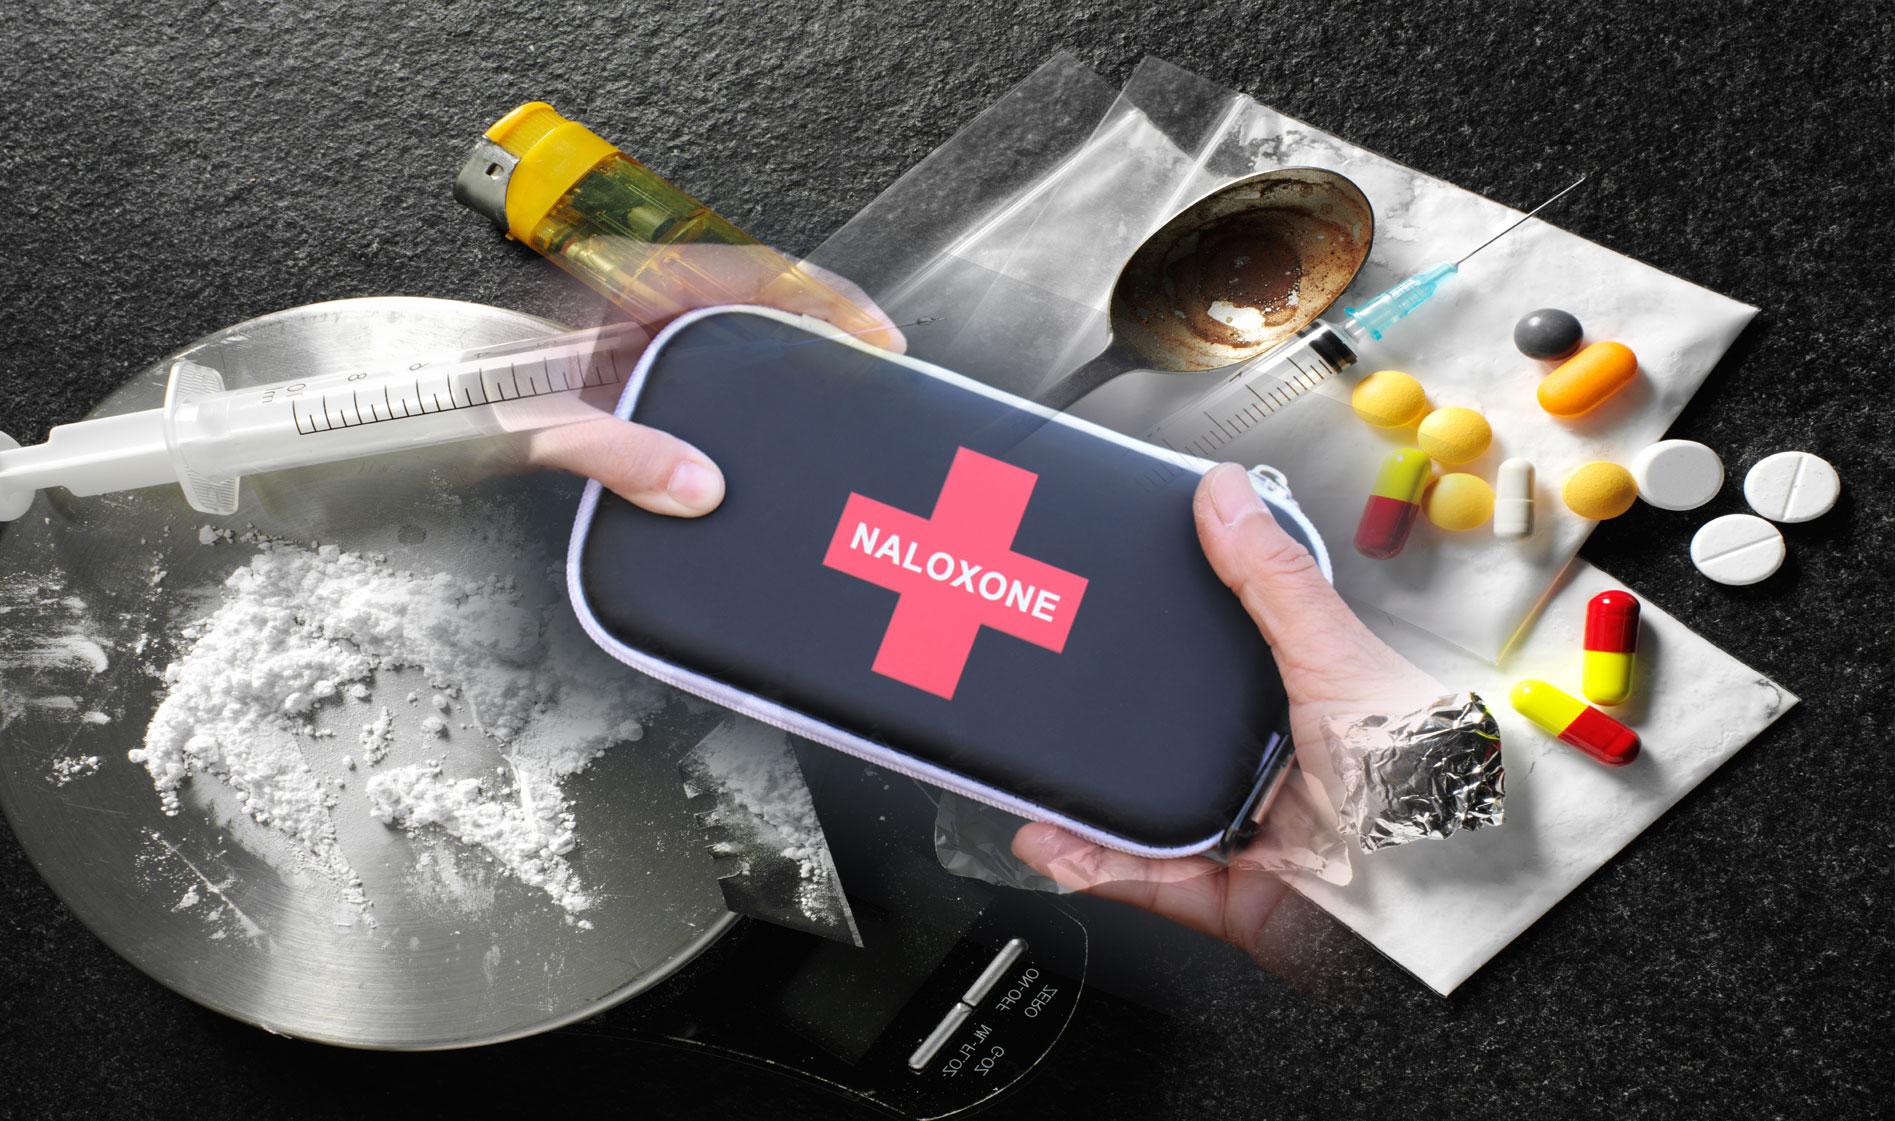 Naloxone kit and drugs